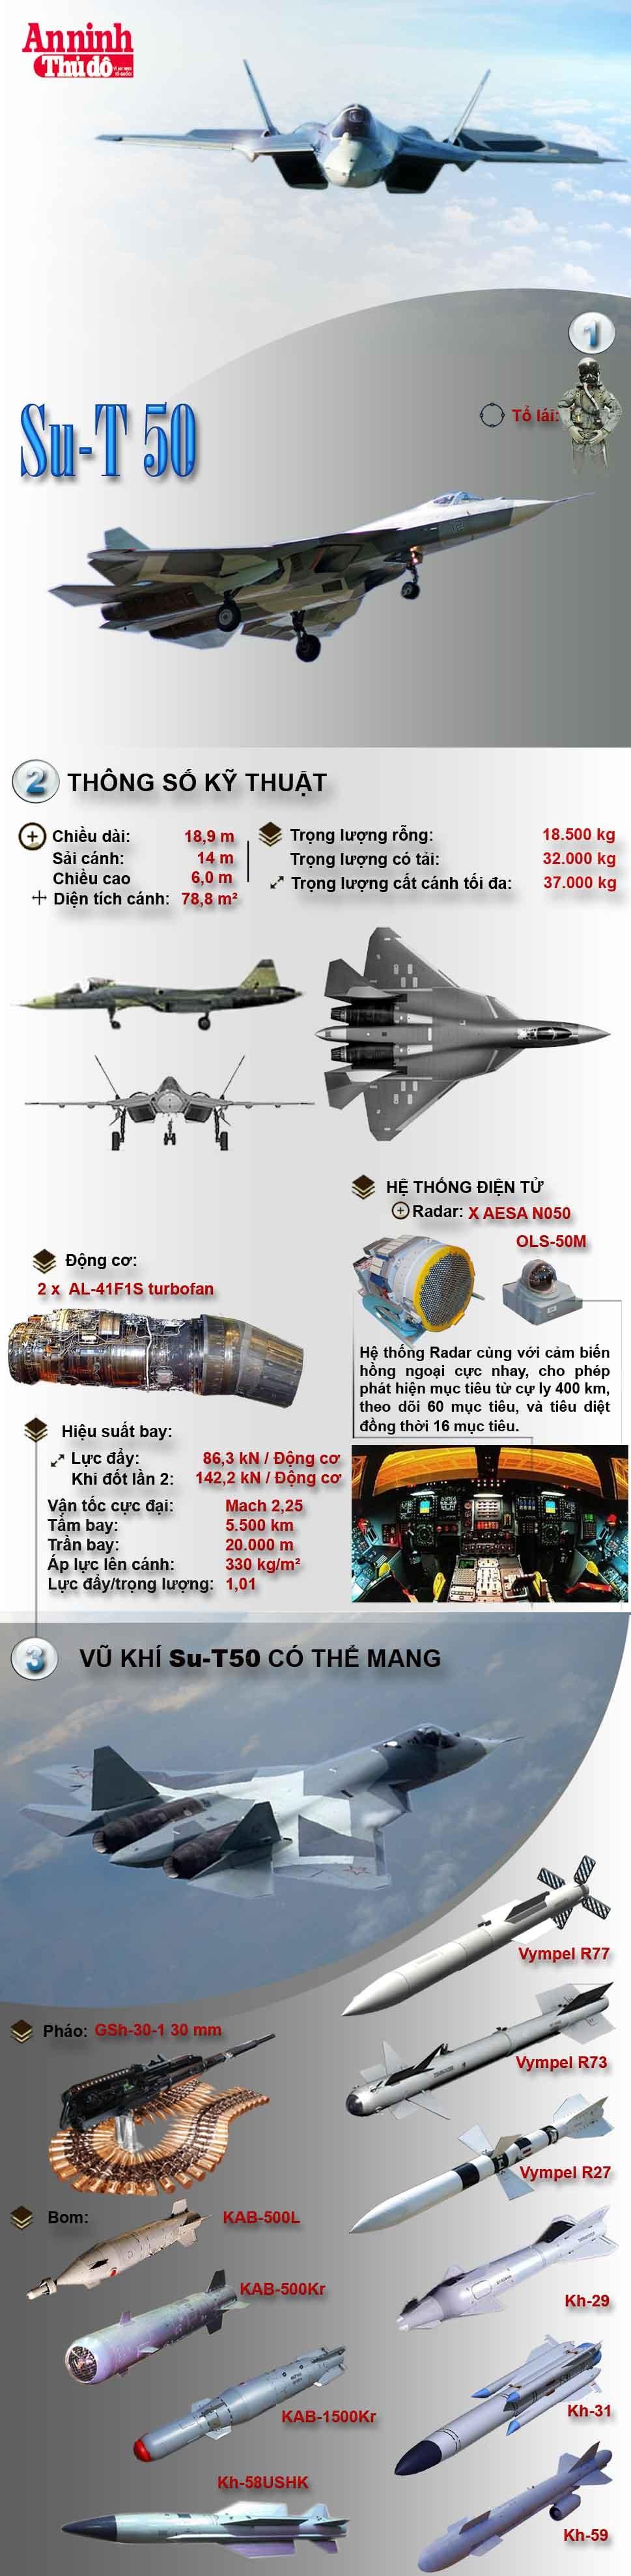 [Infographic] Su-T50 - Siêu tiêm kích mạnh mẽ nhất thế giới của Nga ảnh 1